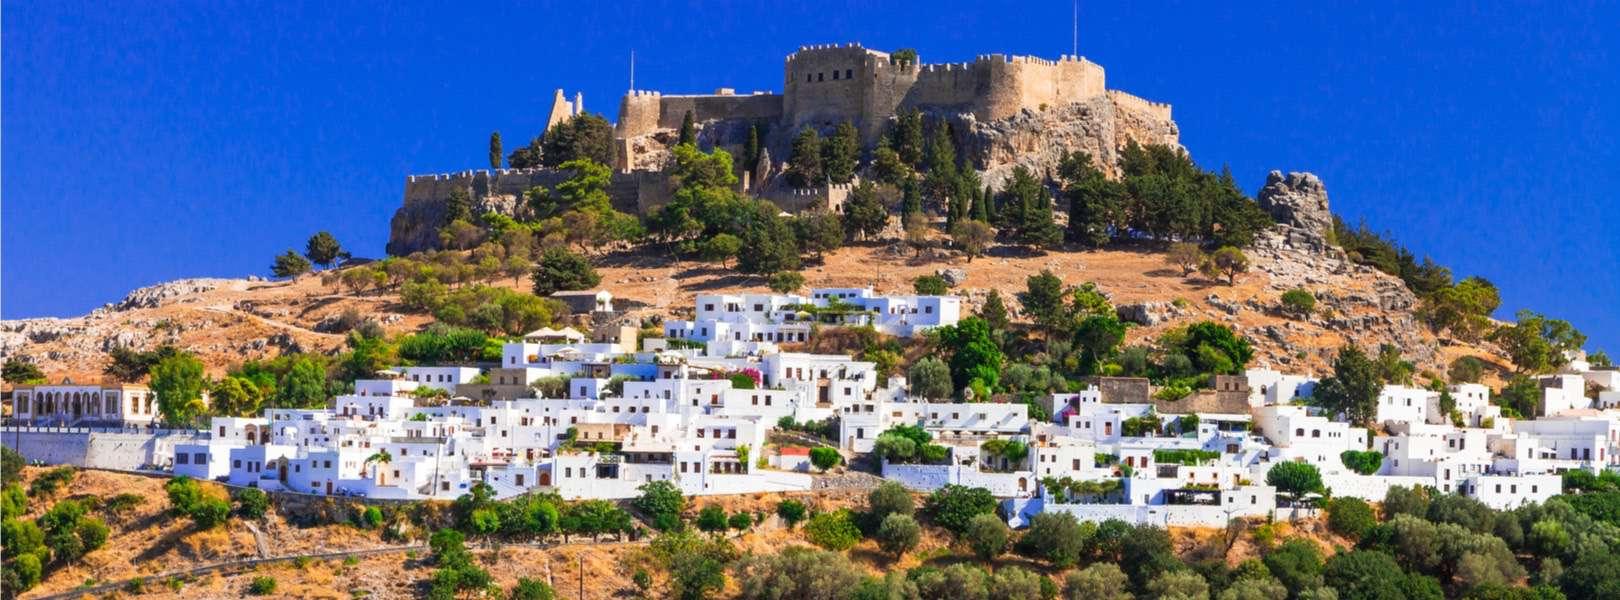 Sommerurlaub auf Rhodos - Blick auf die Insel Rhodos